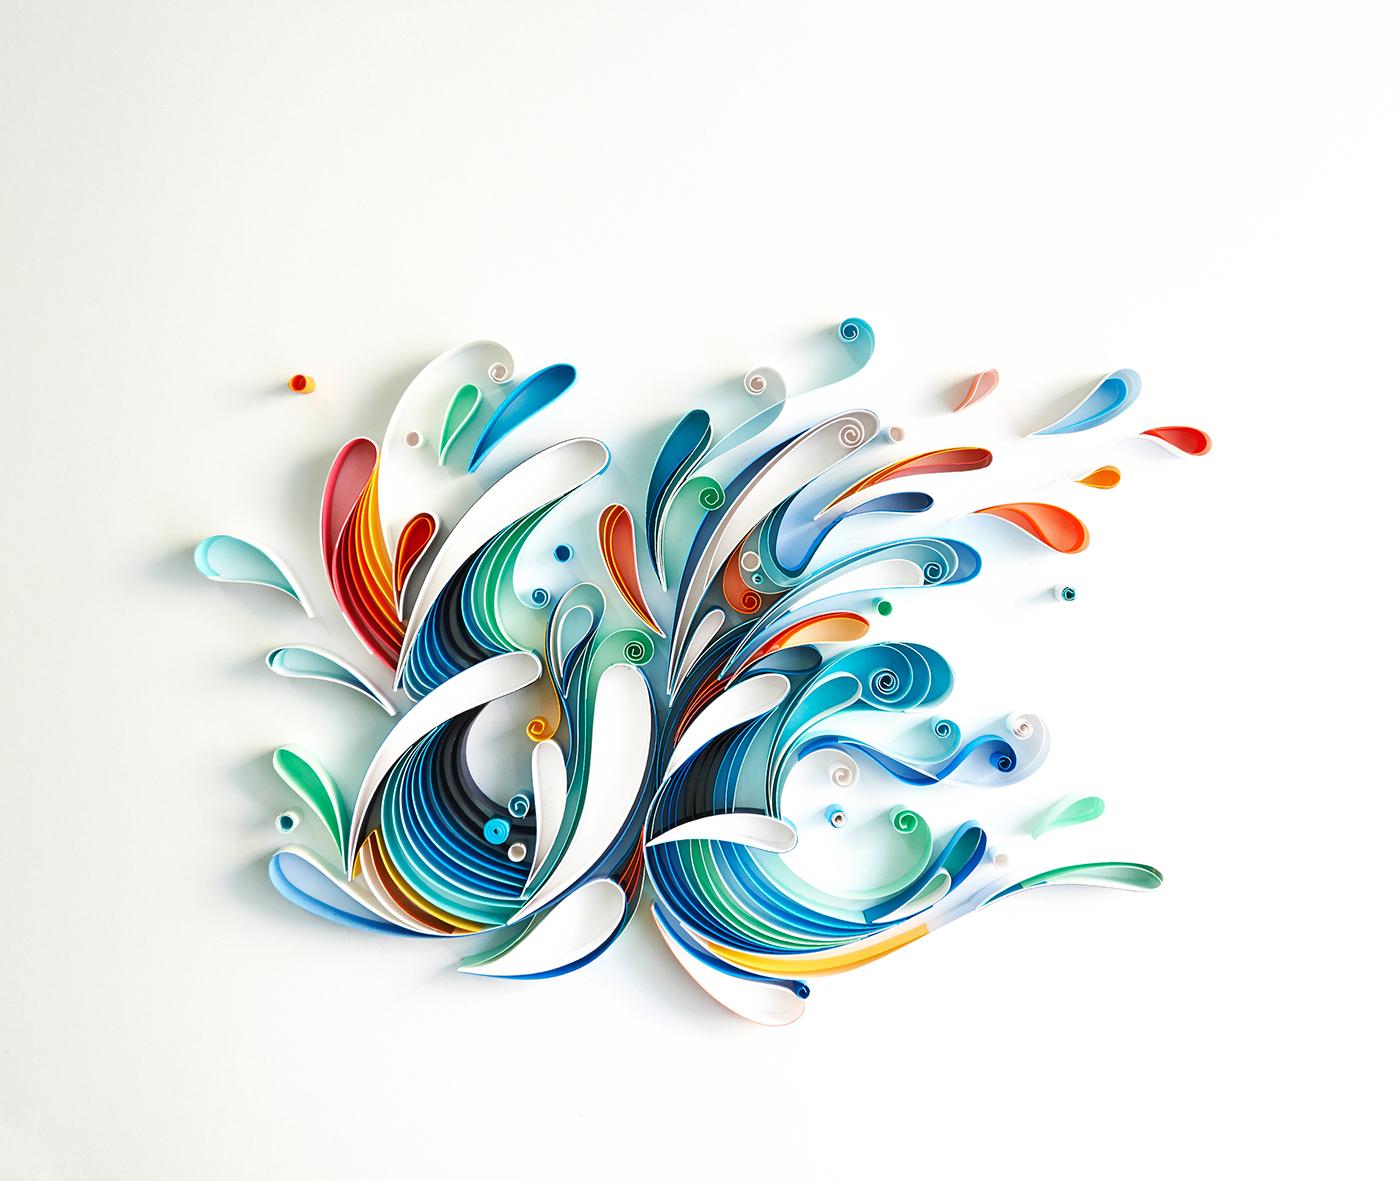 有創意感的27套立體紙雕作品欣賞